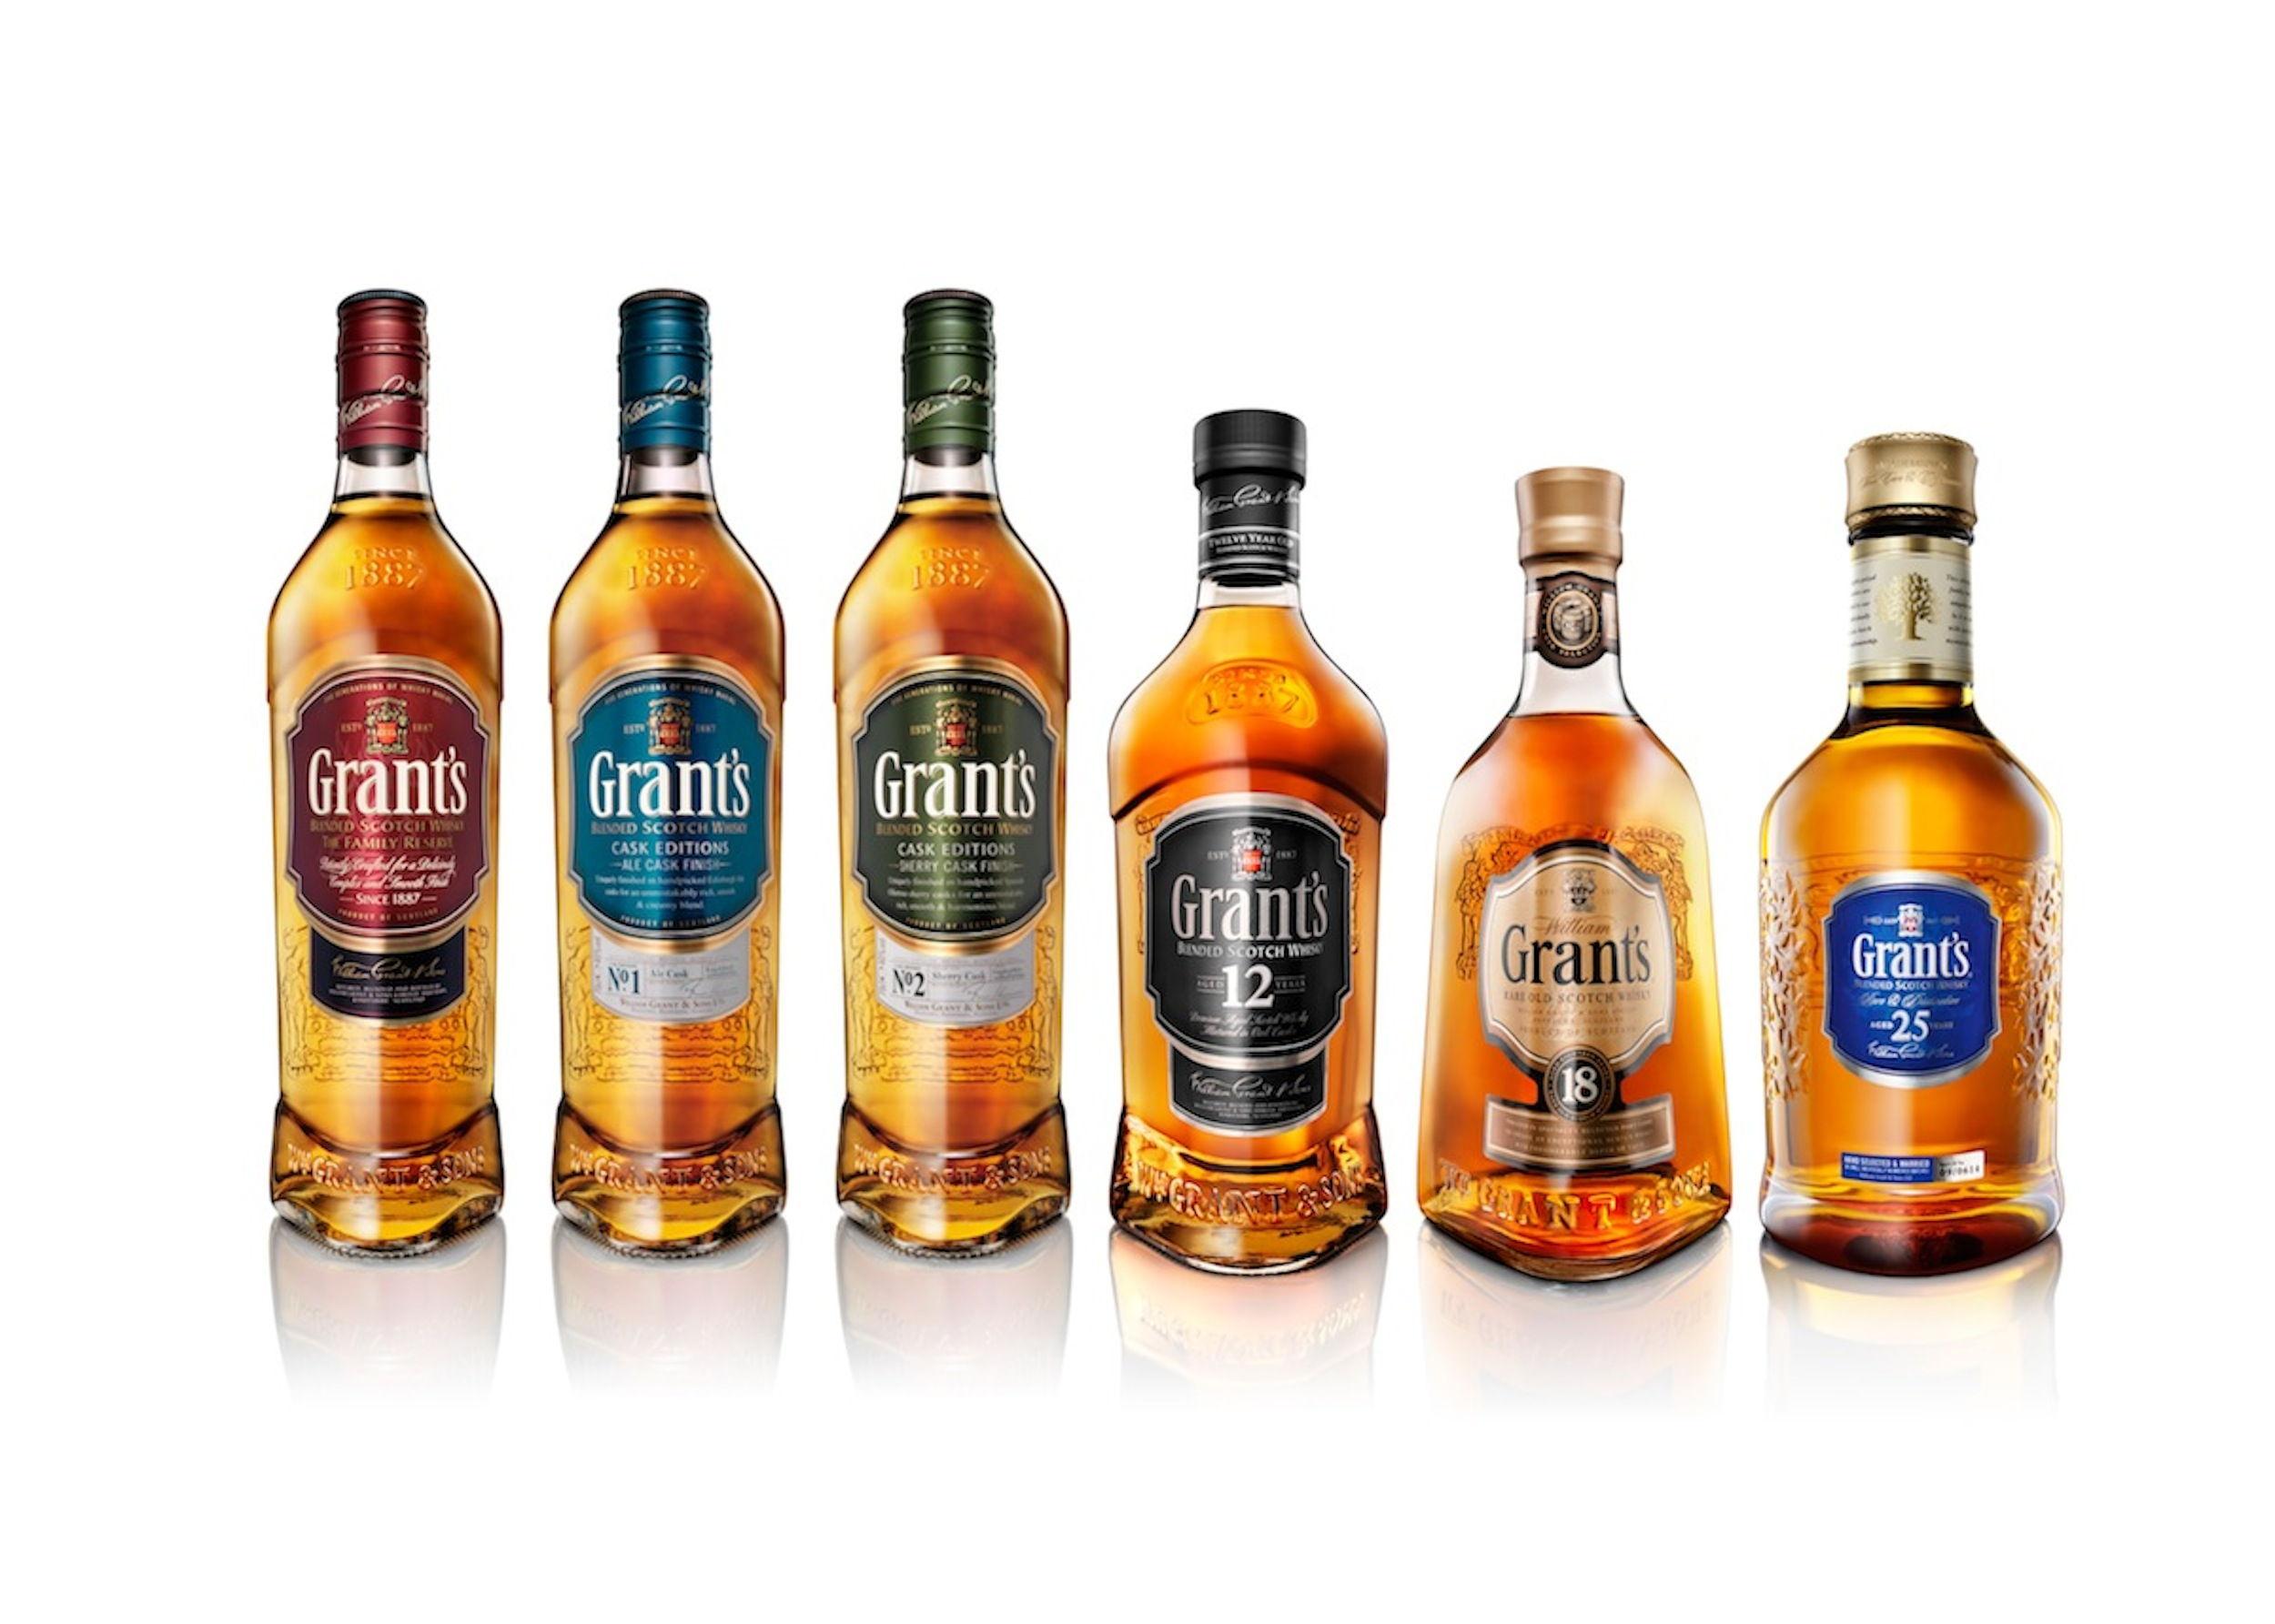 Grants виски, Виски Грантс, grants виски цена, виски грантс